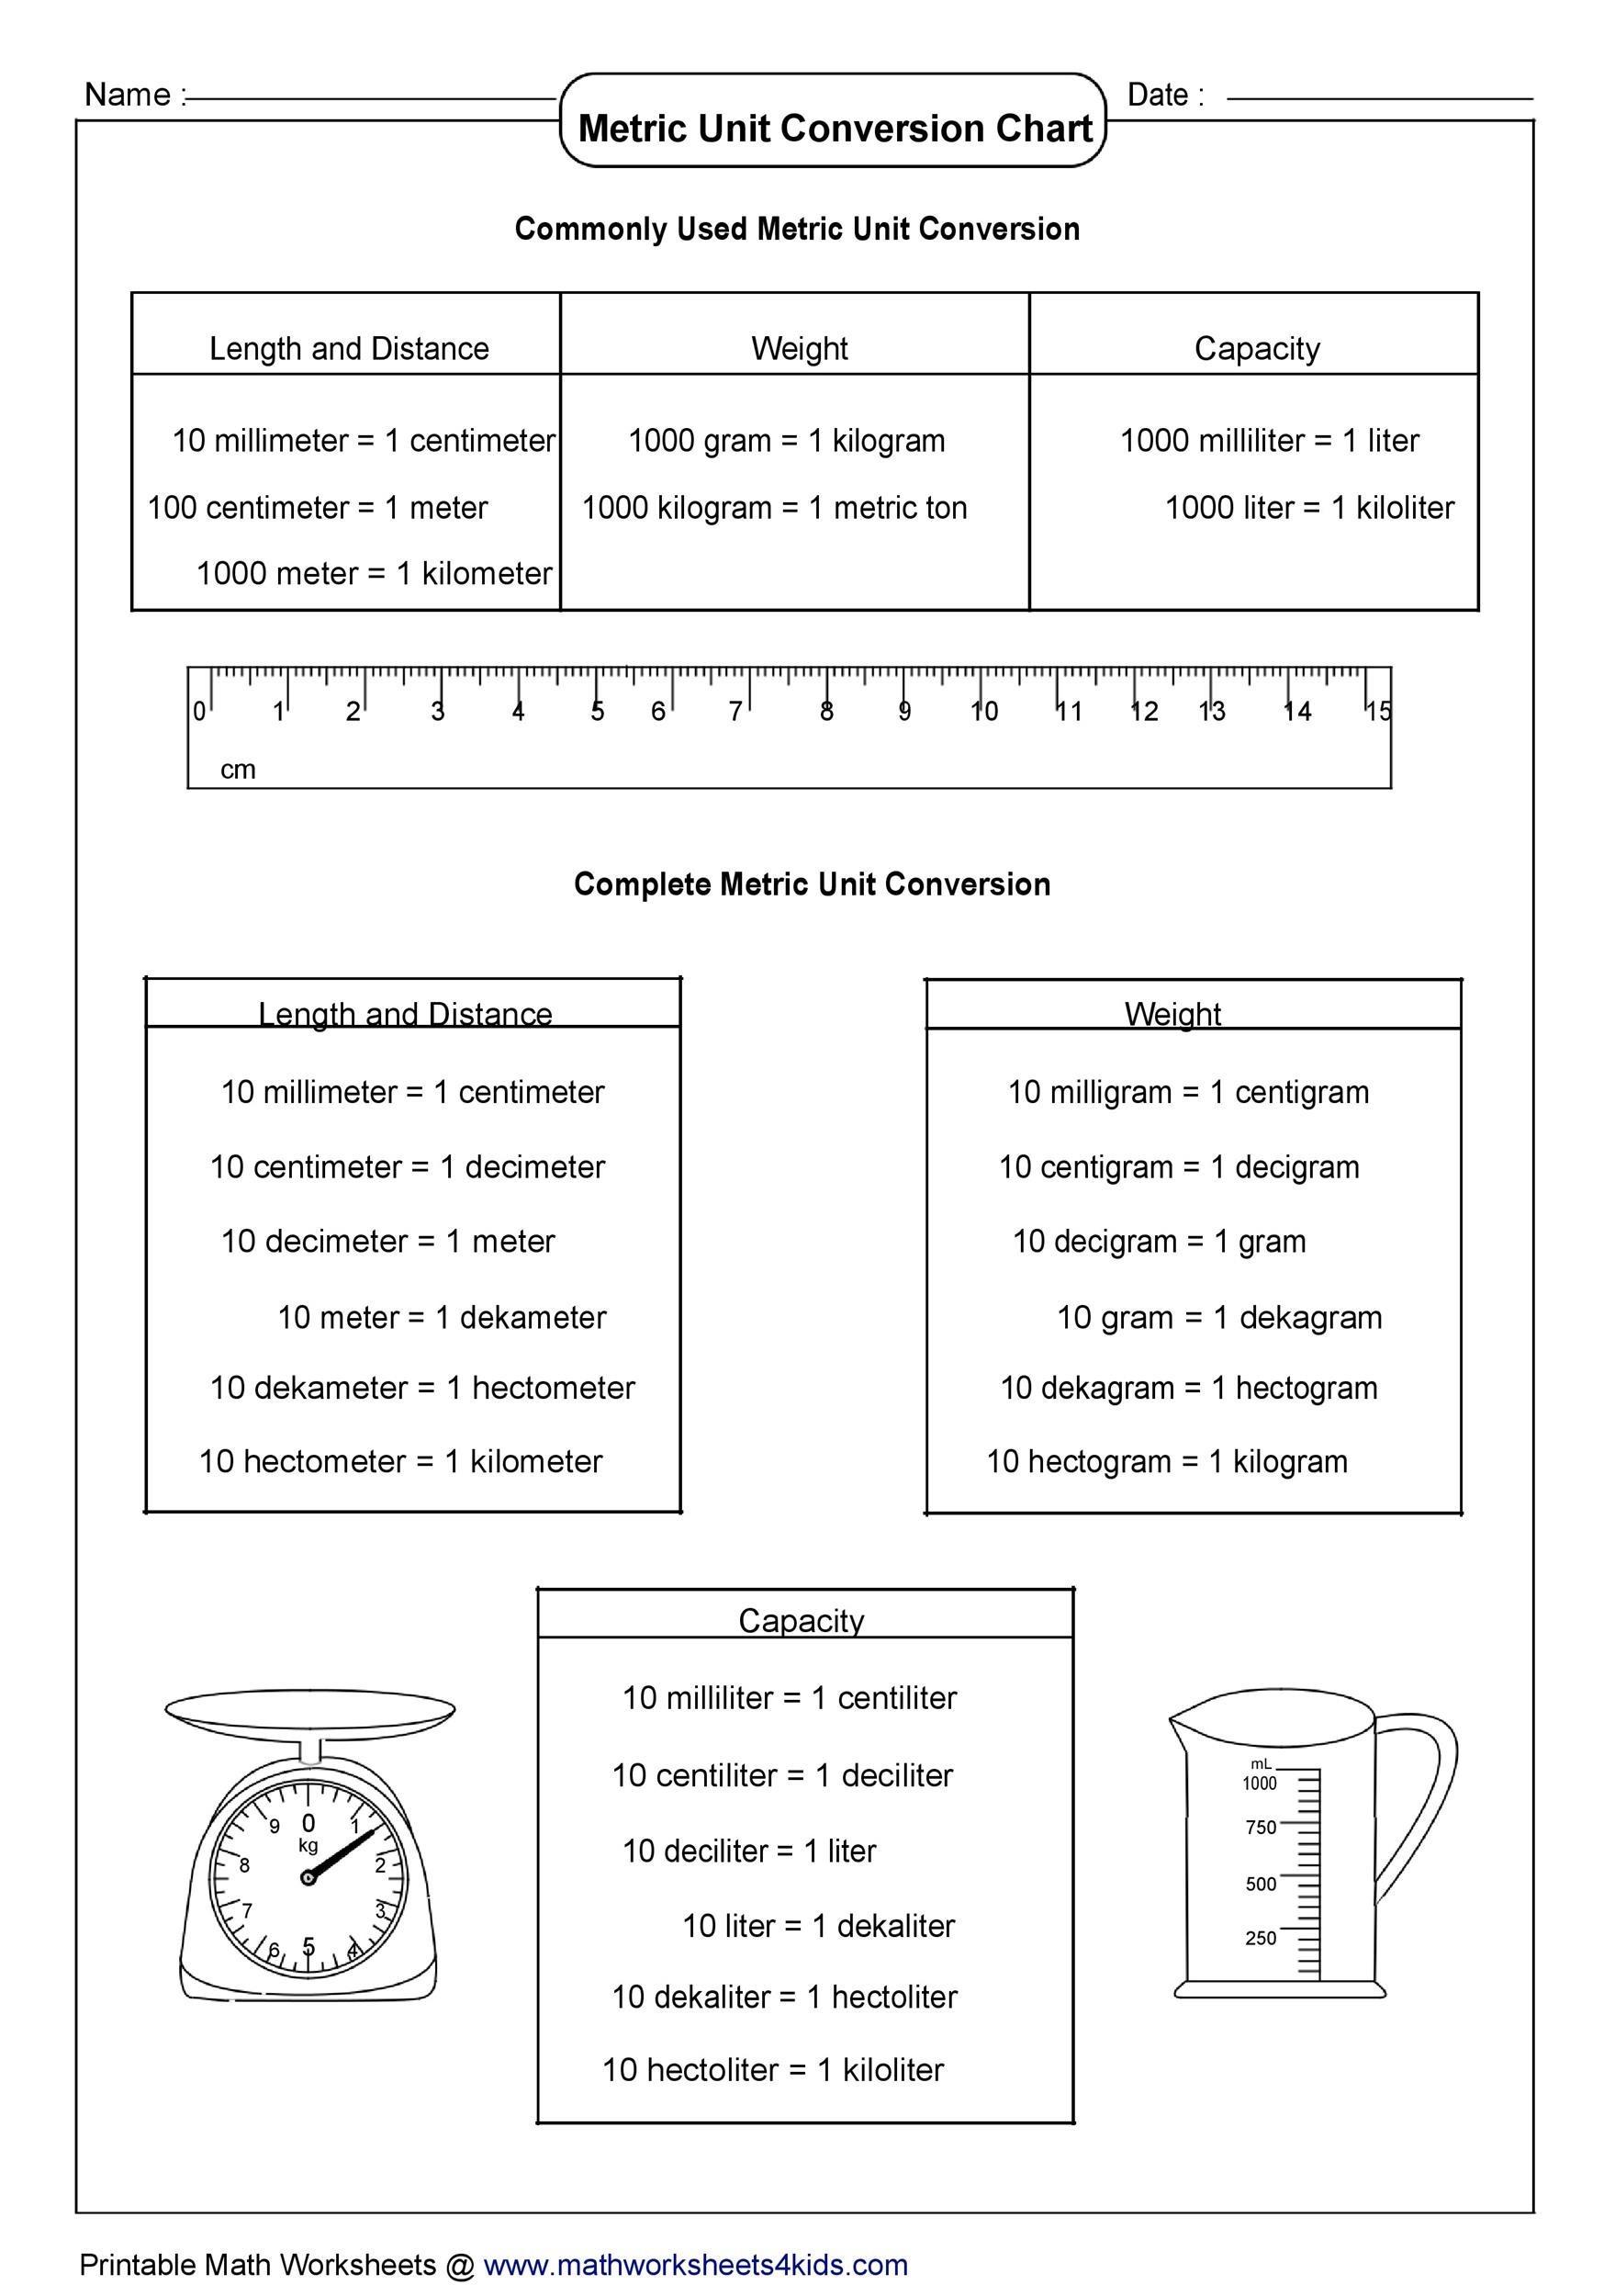 Free liquid measurements chart 43